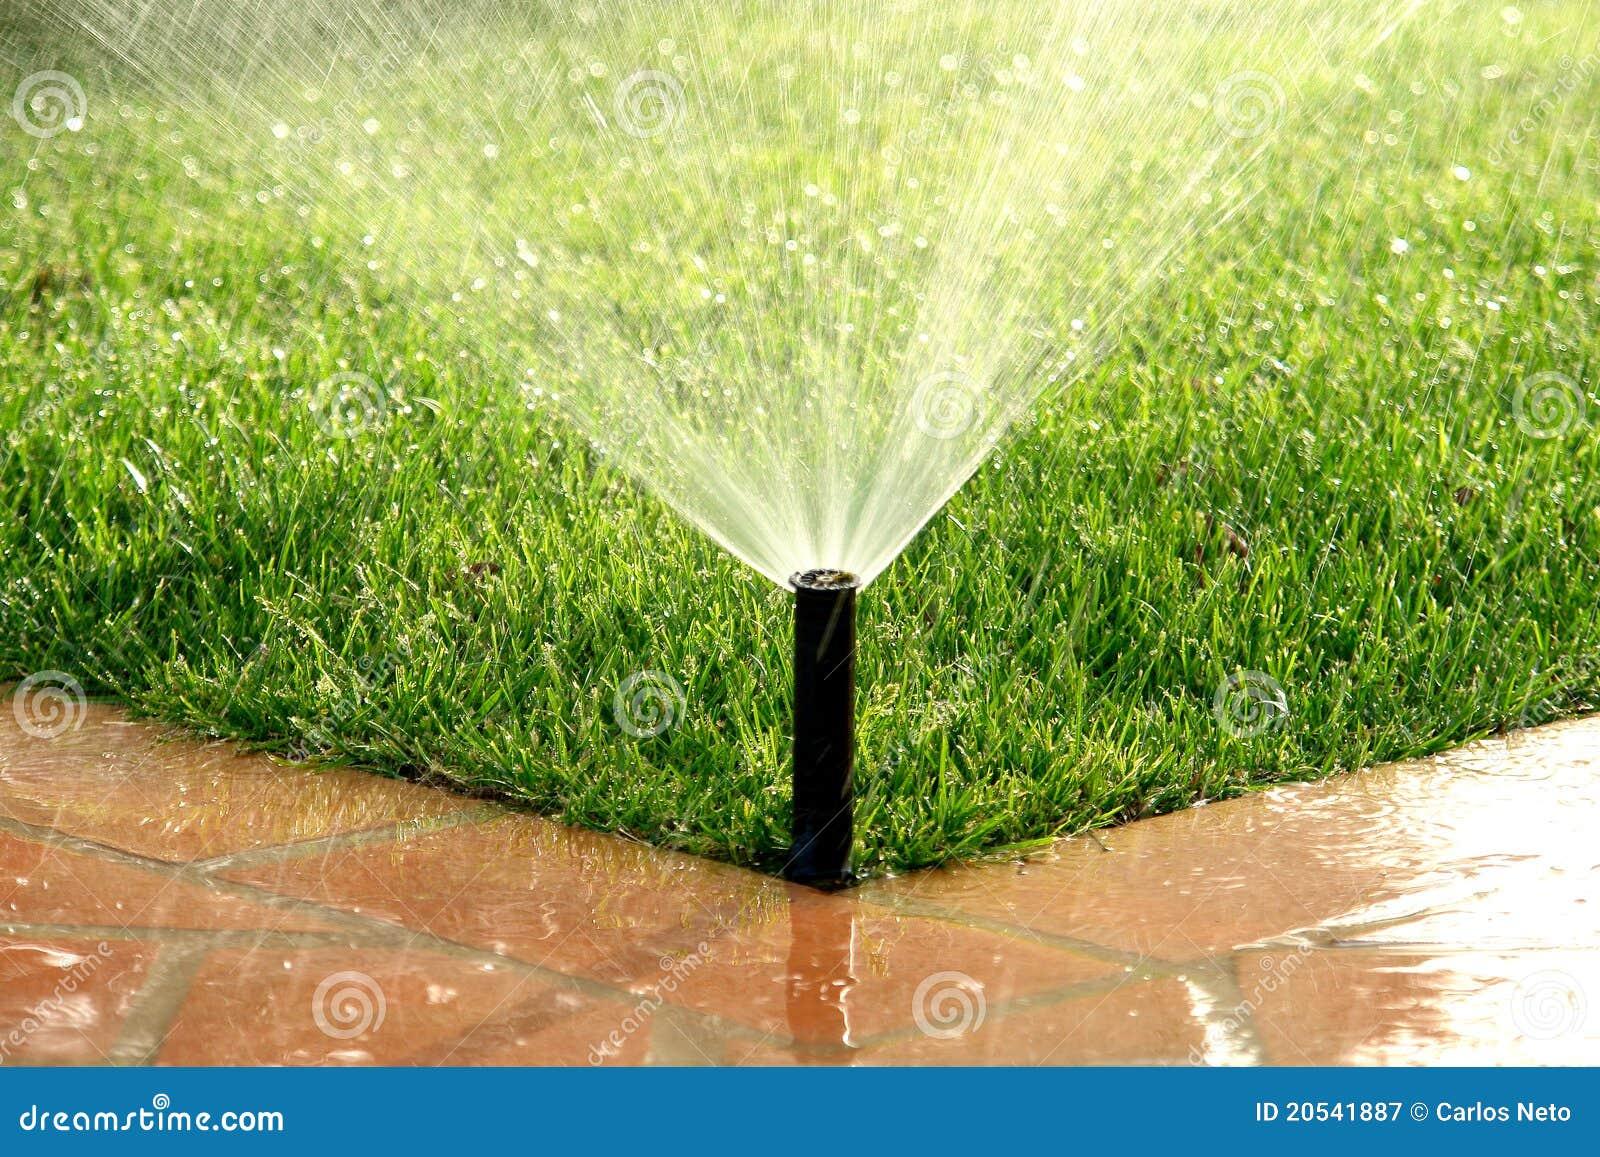 Pelouse de arrosage automatique de syst me d 39 irrigation de jardin photogr - Systeme irrigation jardin ...